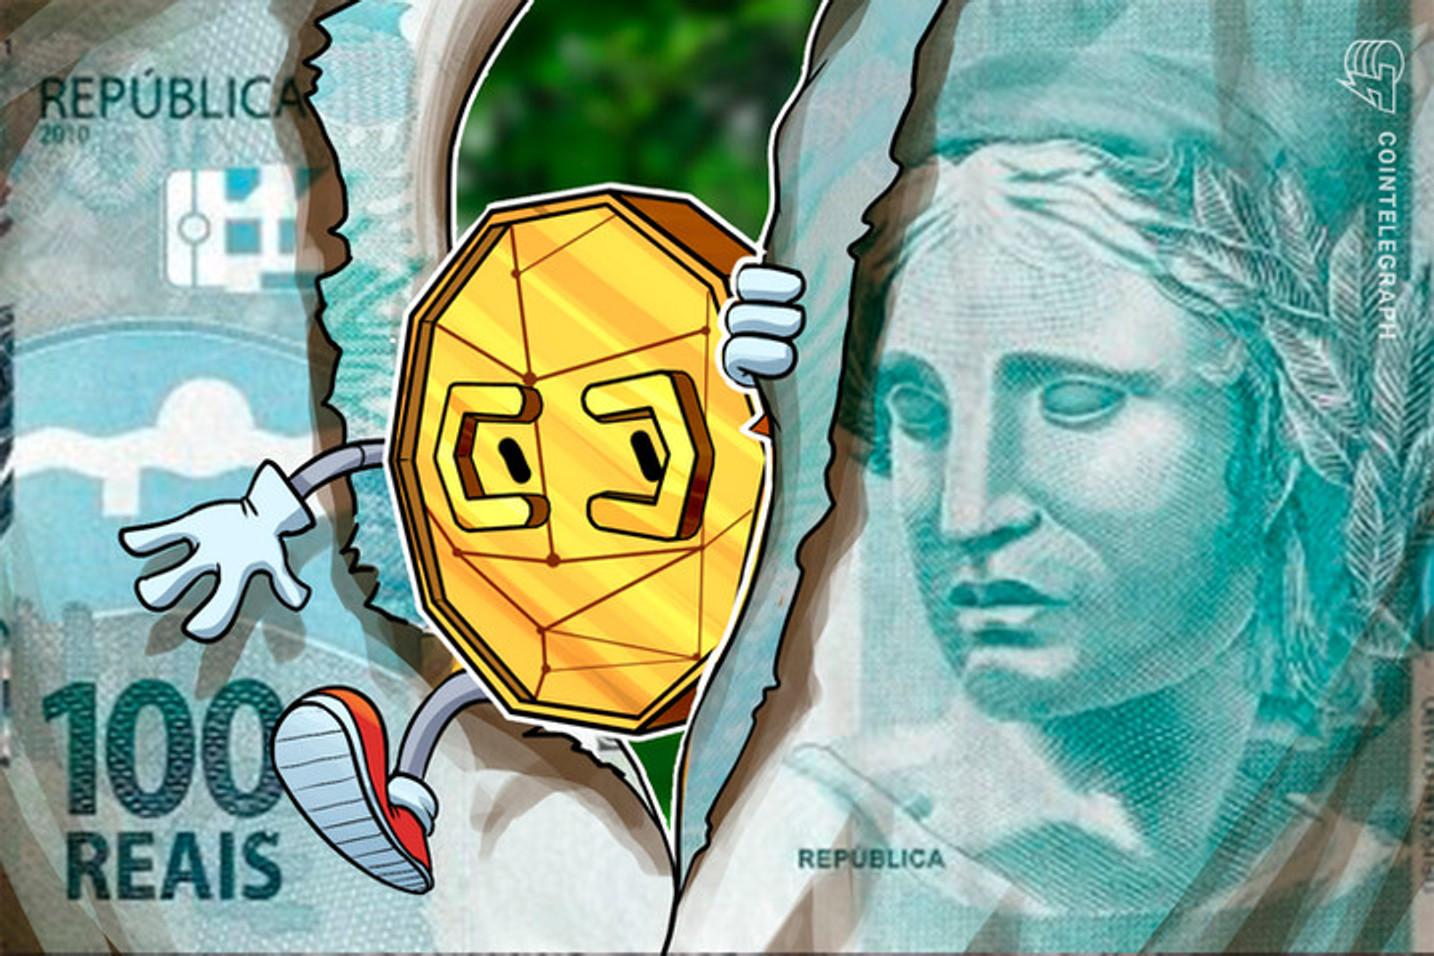 Novo rali e alta do dólar deixam o Bitcoin a caminho de preço recorde no Brasil